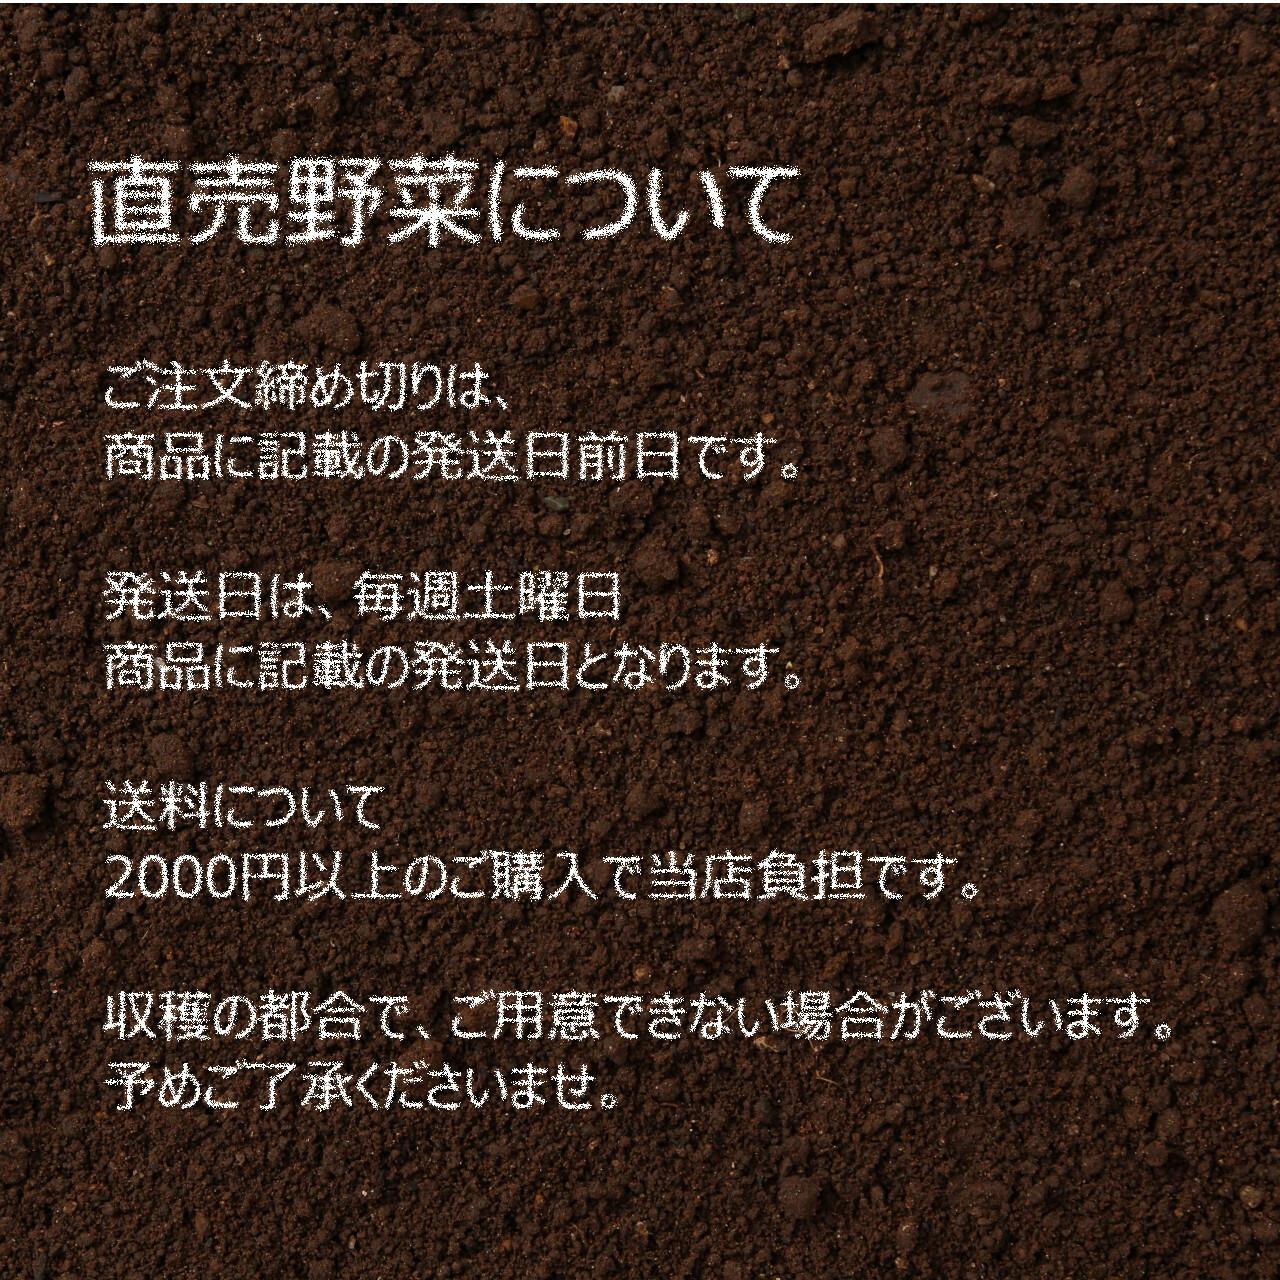 8月の新鮮な夏野菜 : ししとう 約300g 朝採り直売野菜 8月10日発送予定